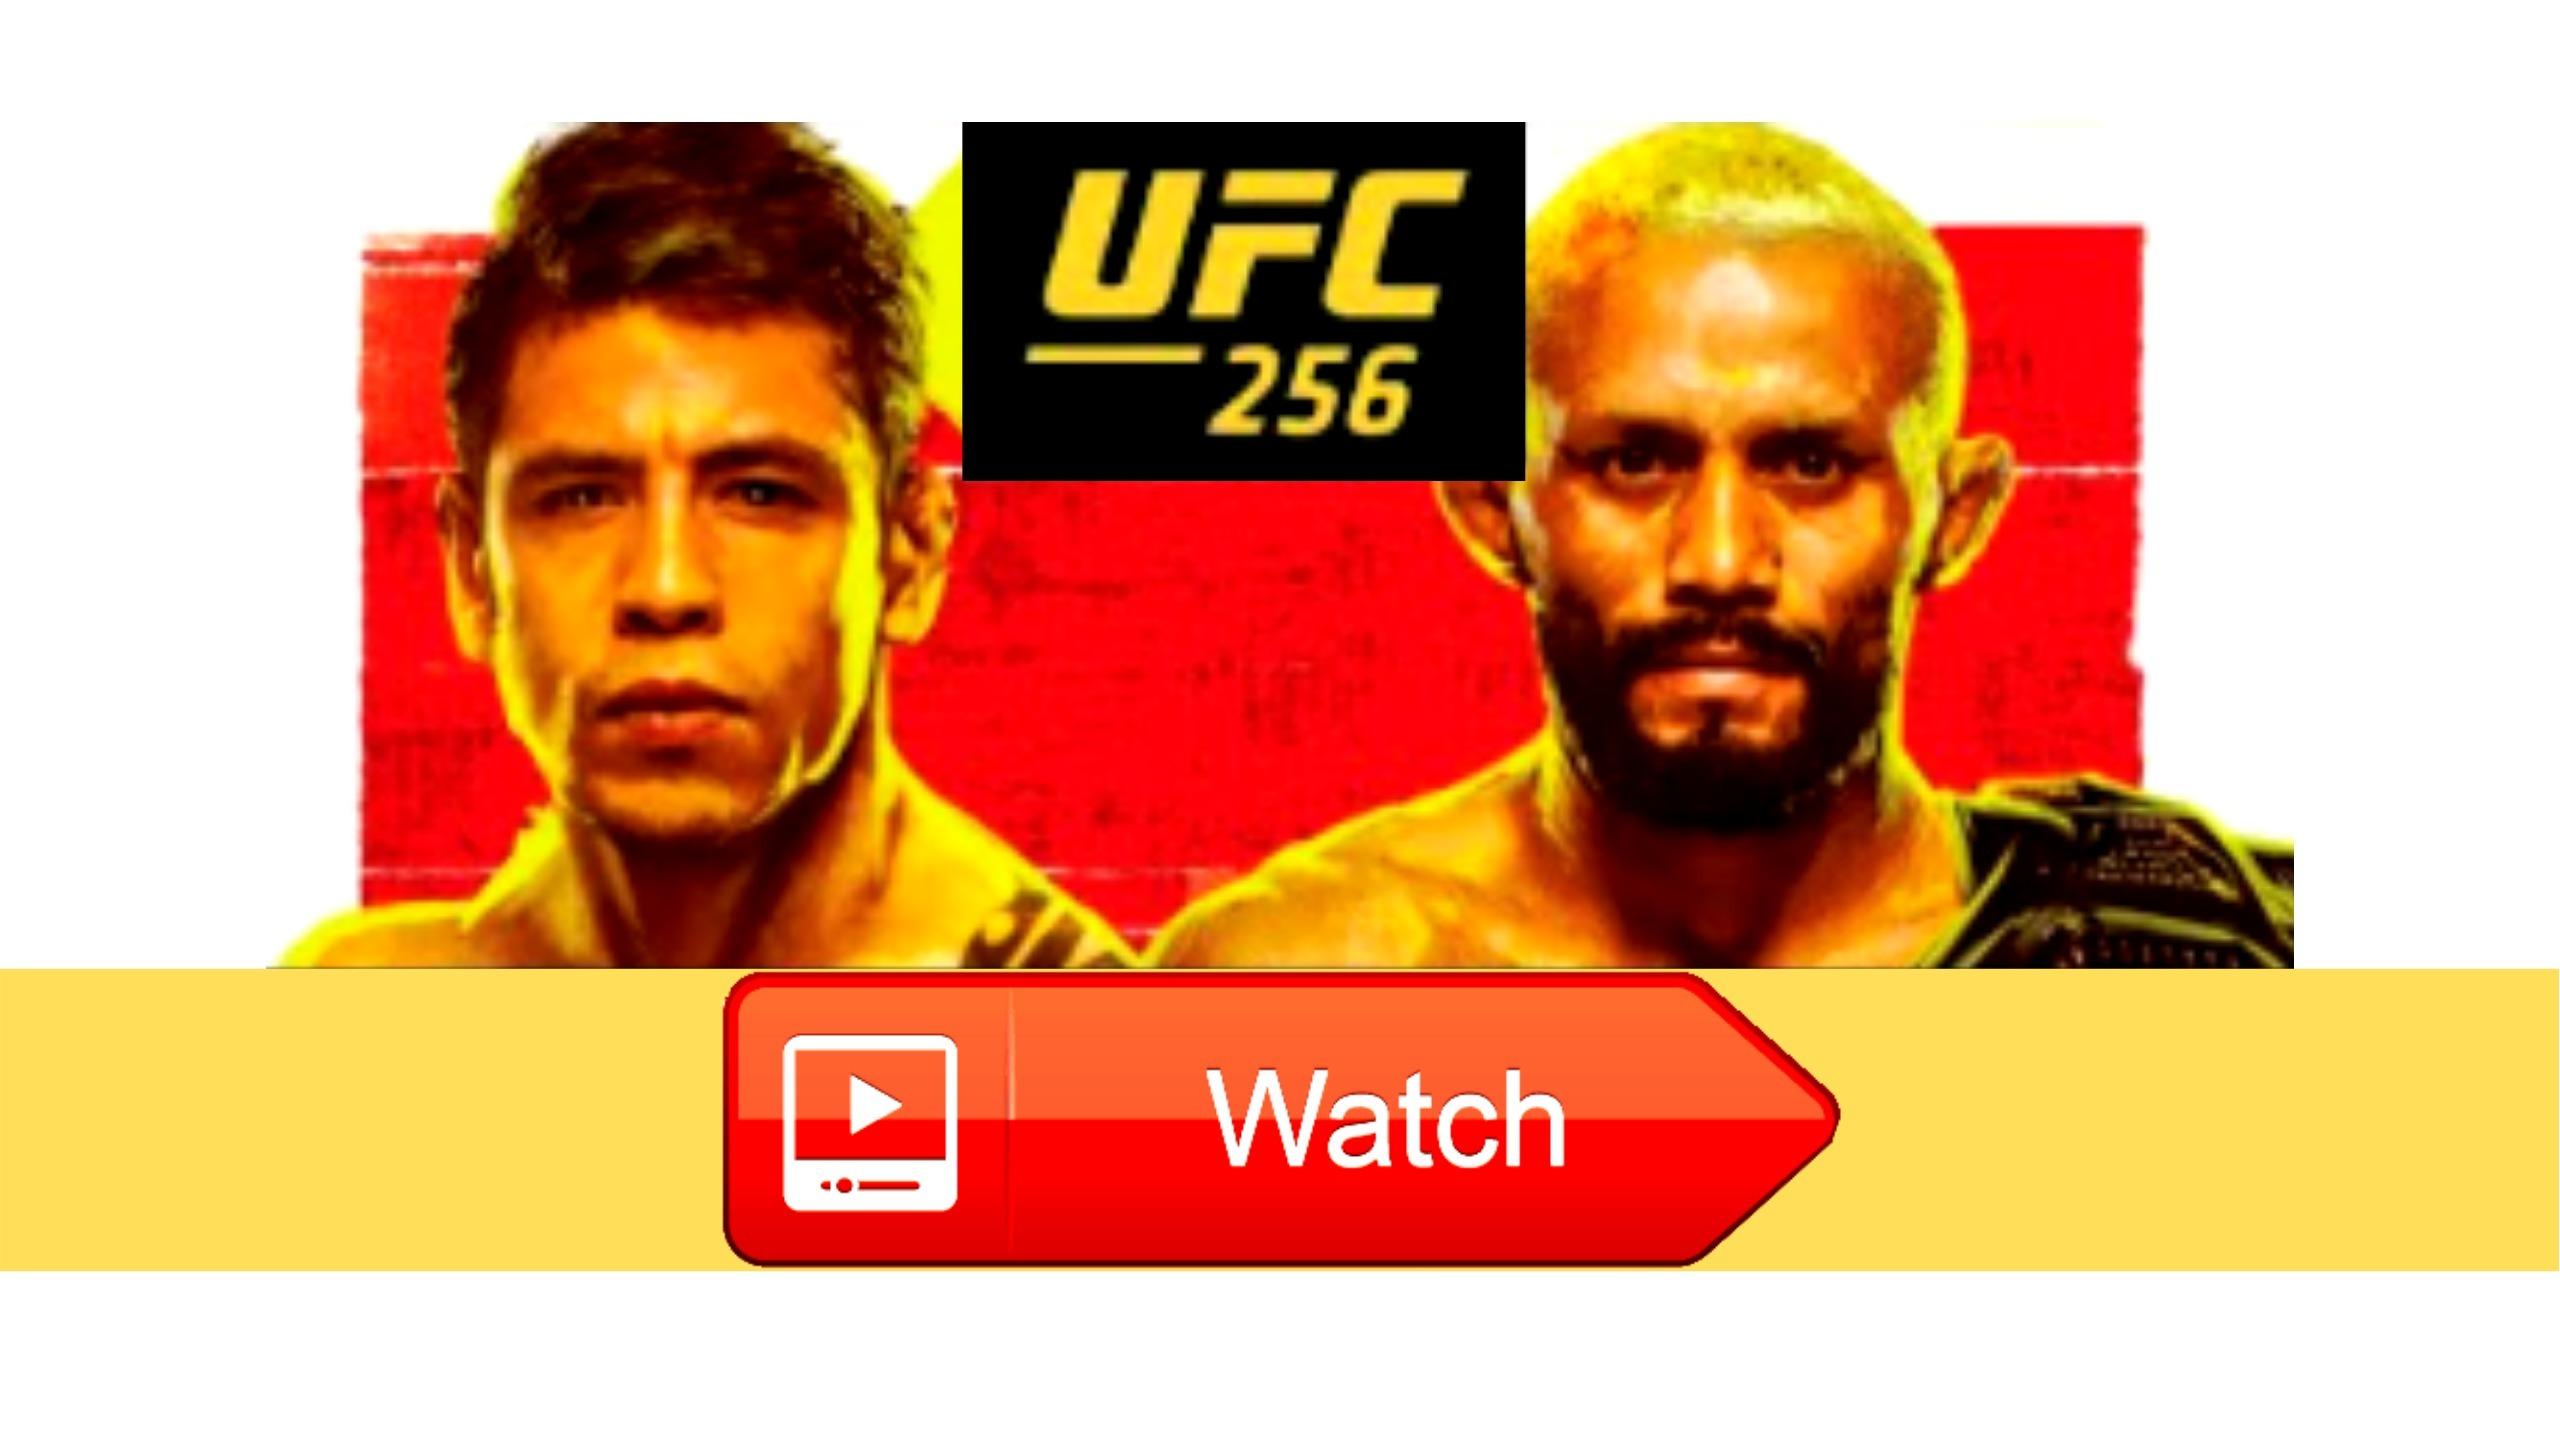 UFC 256 Live Stream Reddit (@ufc256livestreamreddit) Cover Image